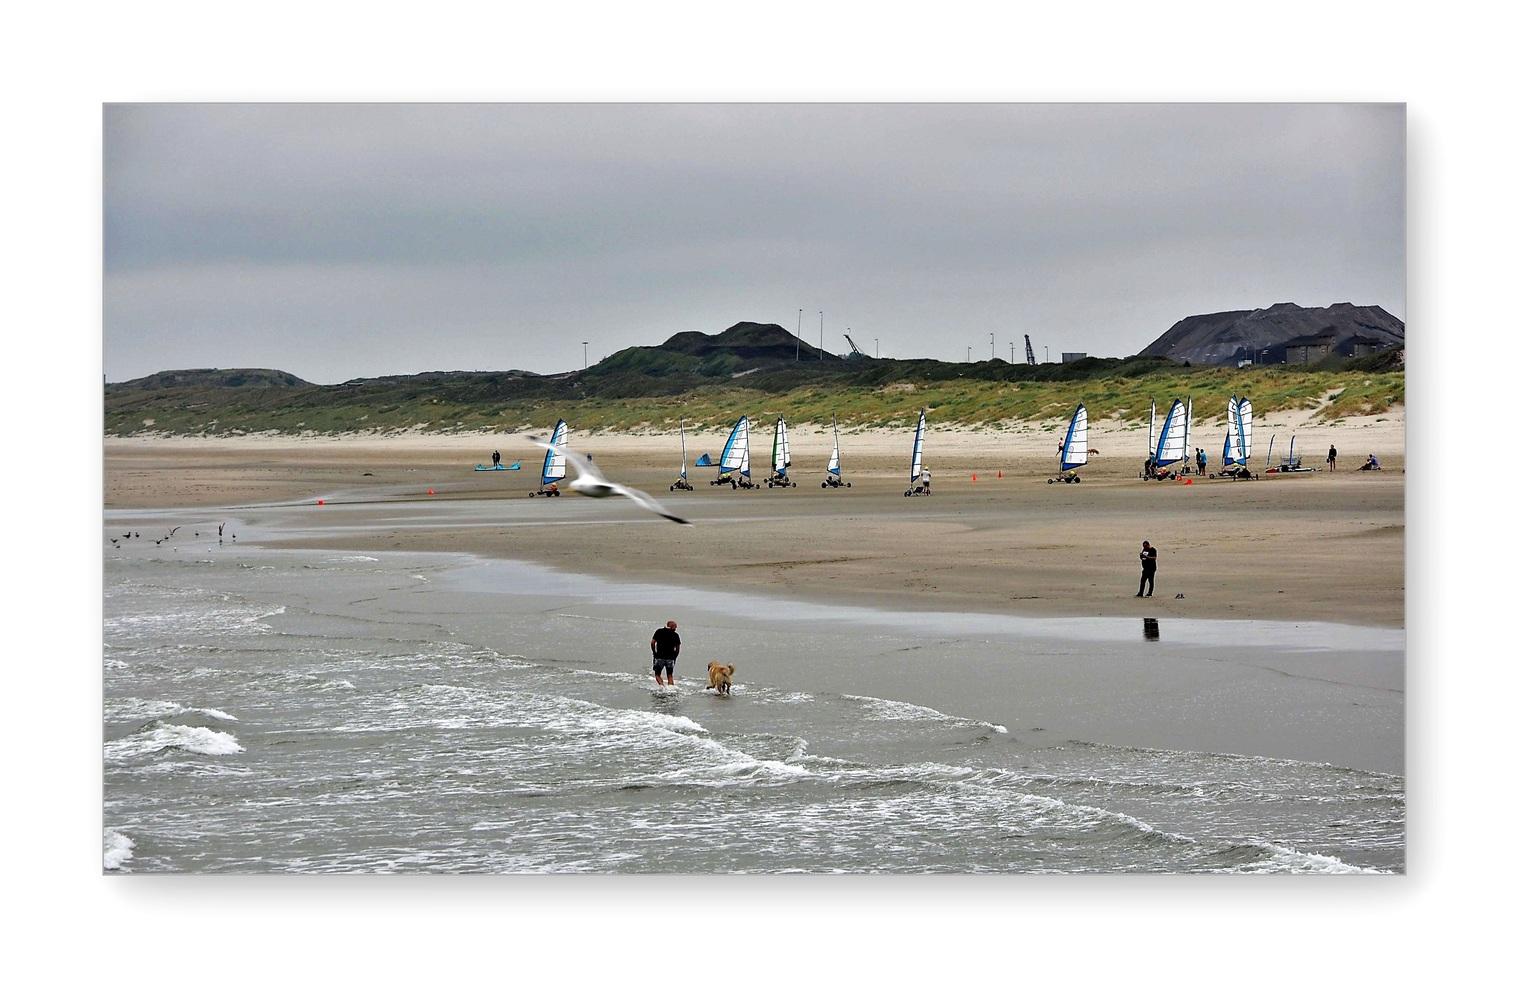 Storm op komst..  - VELZEN ZUID_ Blowkarten.  - foto door 1103 op 09-04-2021 - deze foto bevat: strand, noordpier, noord-holland, water, lucht, ecoregio, rechthoek, mensen op het strand, kust- en oceanische landvormen, strand, landschap, horizon, windsport